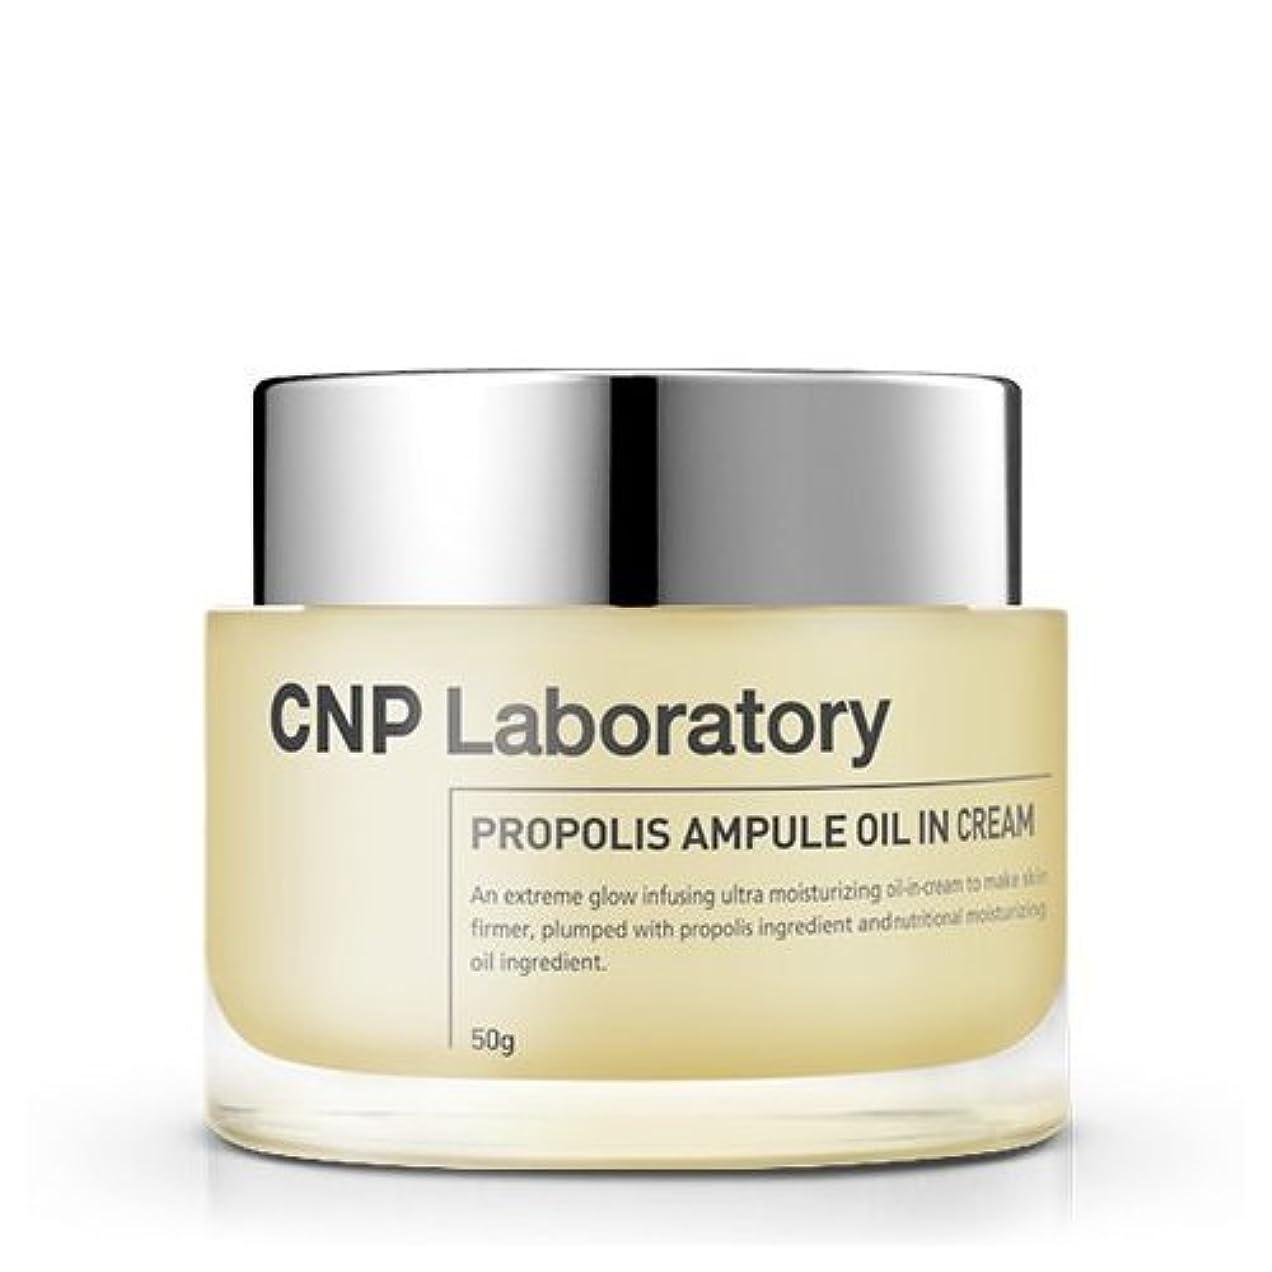 地下技術額CNP Laboratory プロポリスアンプルオイルインクリーム50ミリリットル